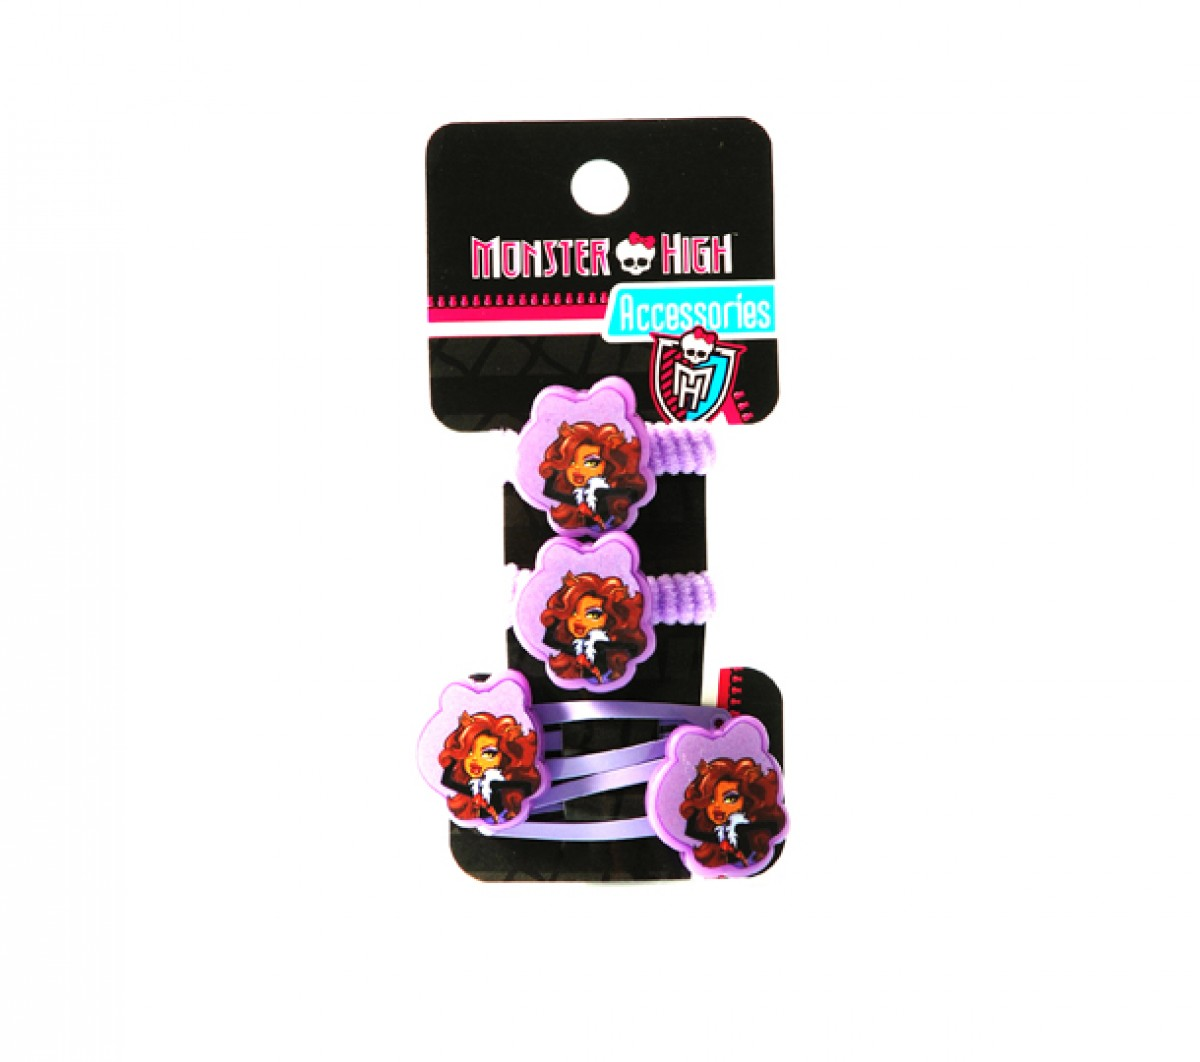 Next Accessory Monster High' Koleksiyonu ile Sezona Eğlenceli Bir Giriş Yapıyor 89